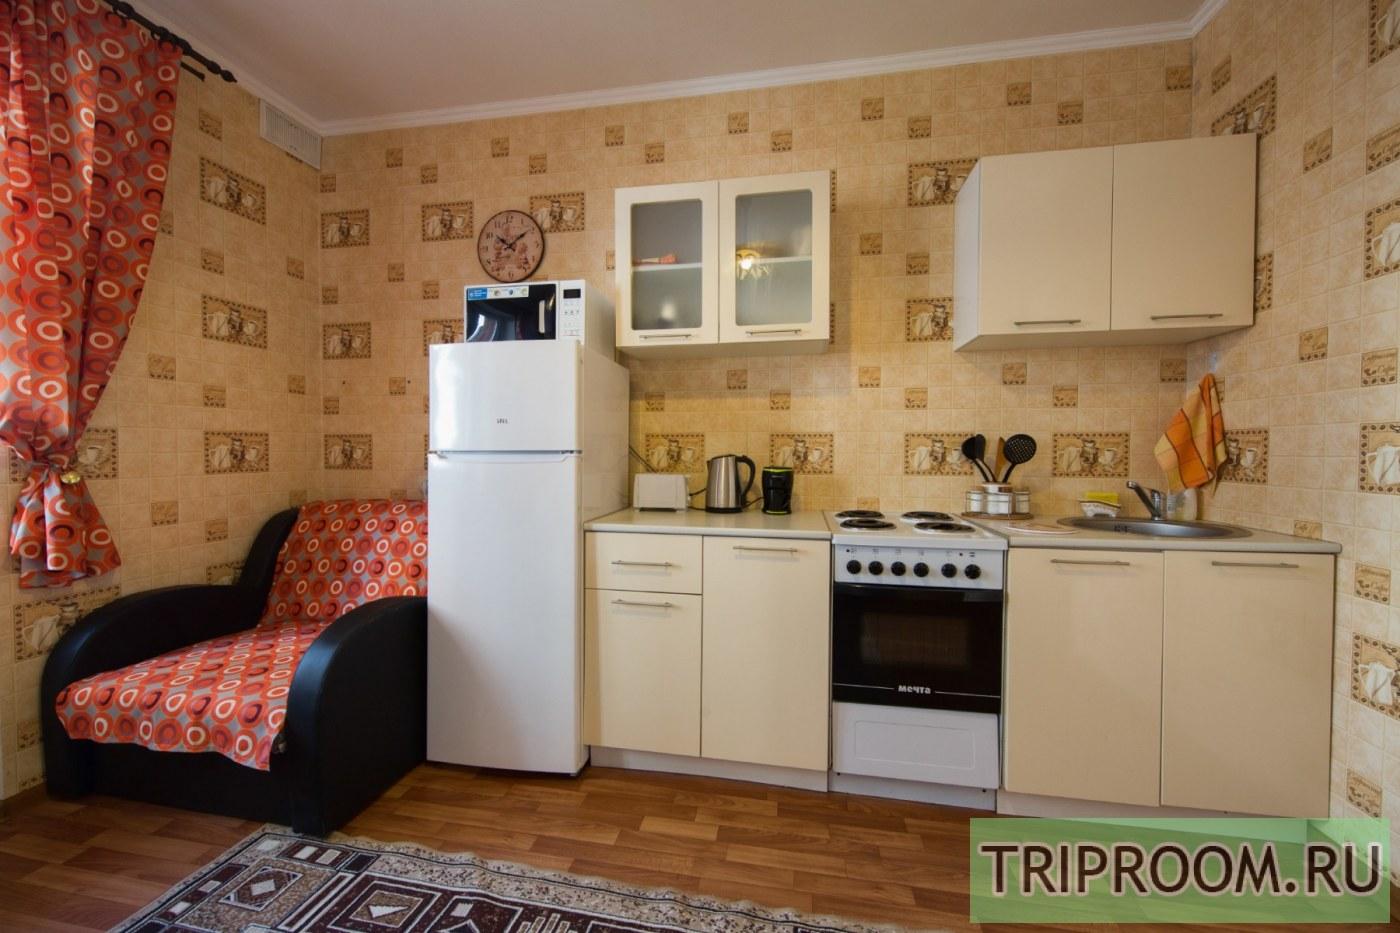 1-комнатная квартира посуточно (вариант № 38423), ул. генерала Шифрина, фото № 9